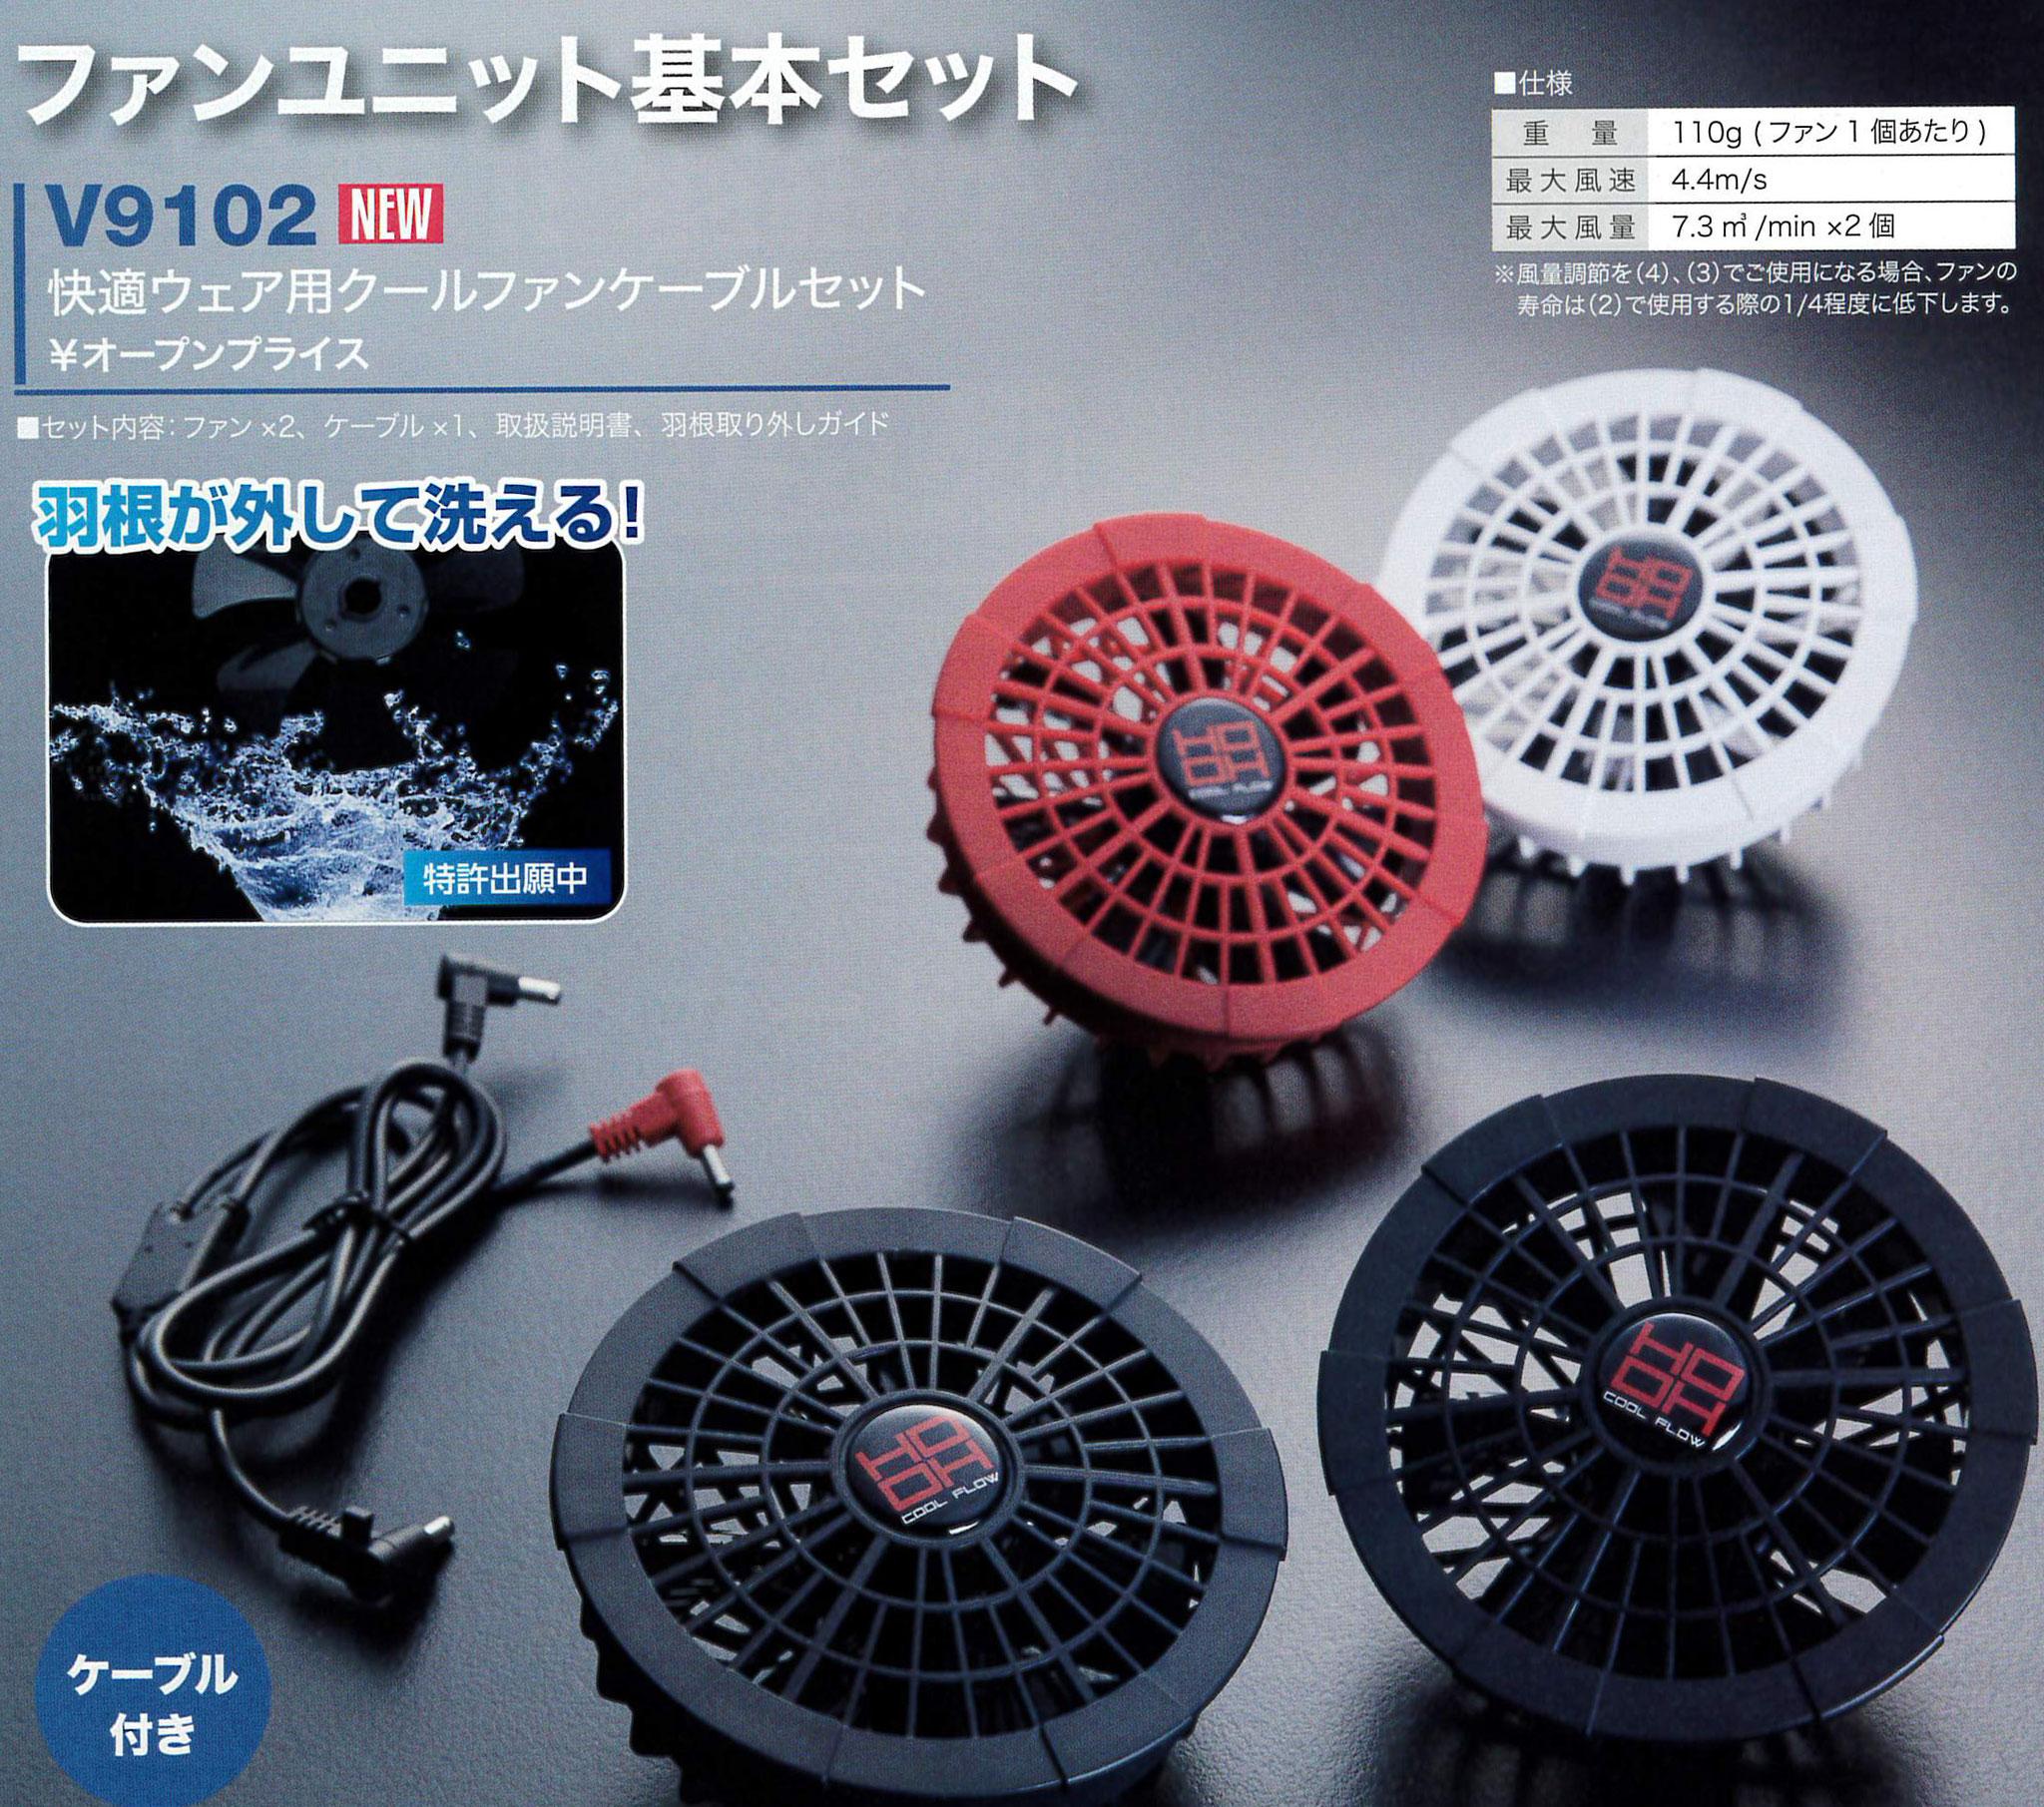 V9102 ファンセット ¥4,950(税込)